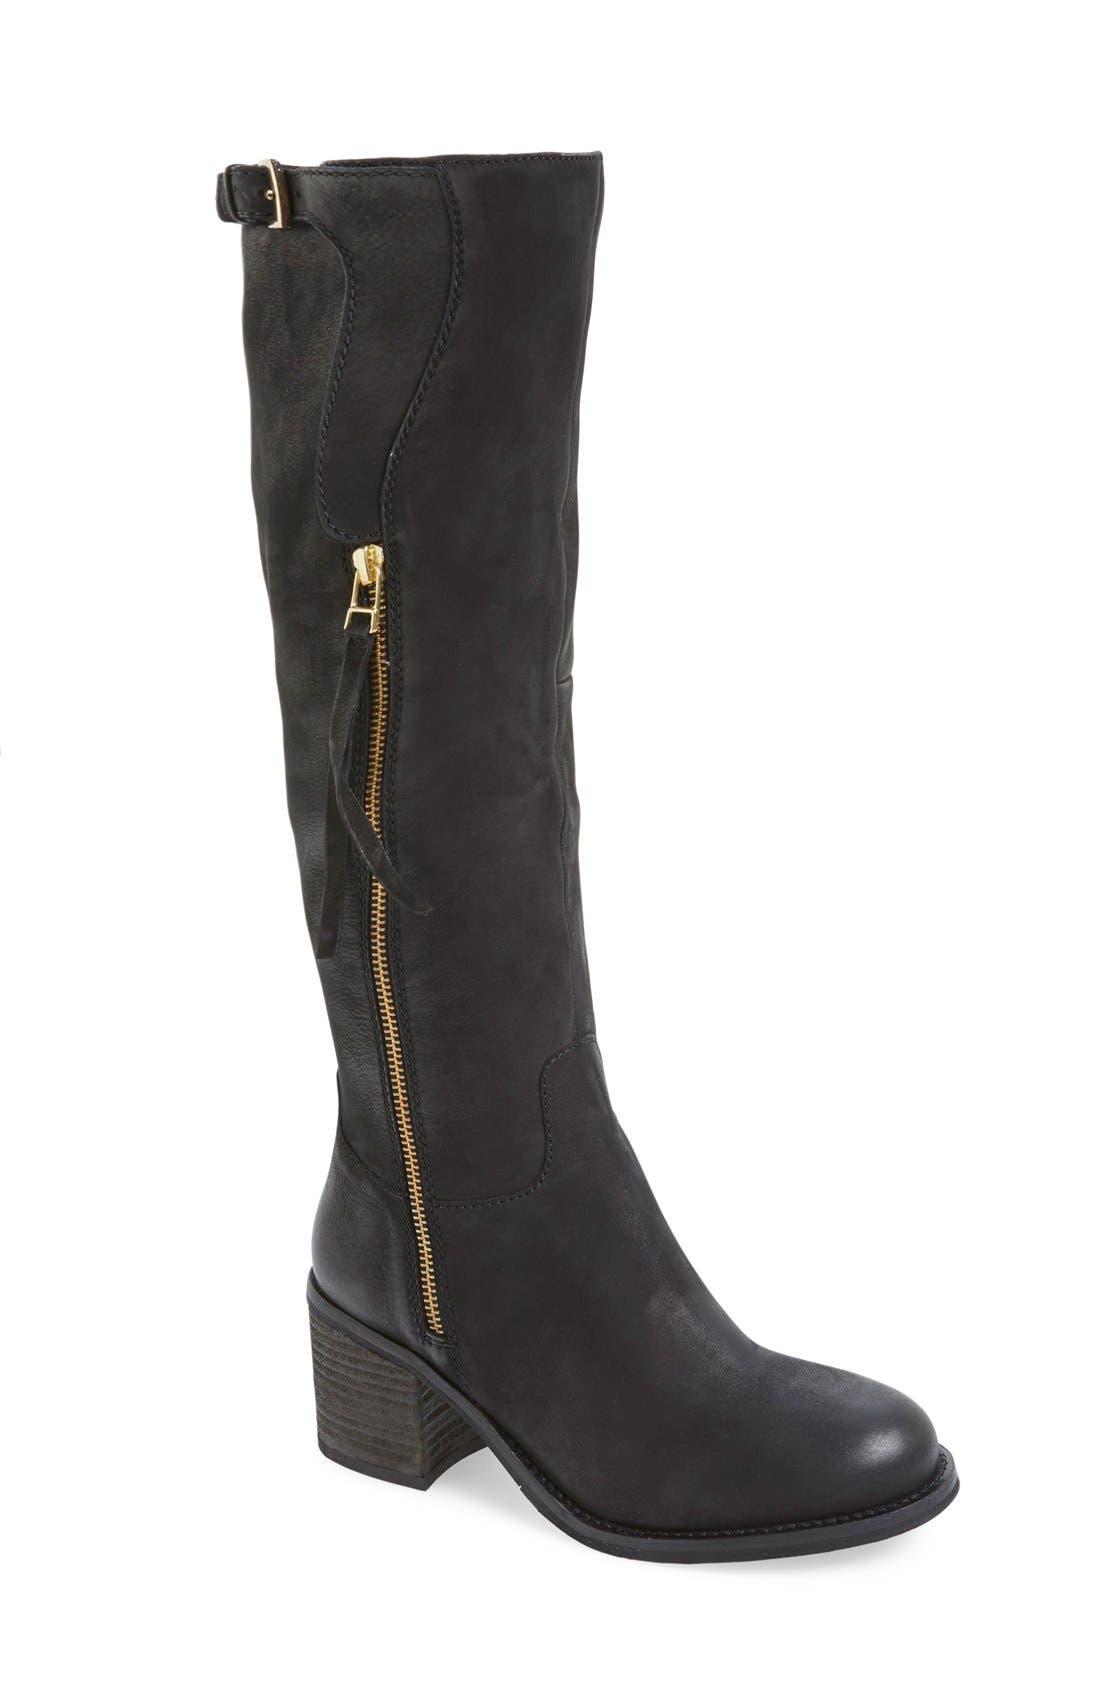 Alternate Image 1 Selected - Steve Madden 'Antsy' Tall Boot (Women)